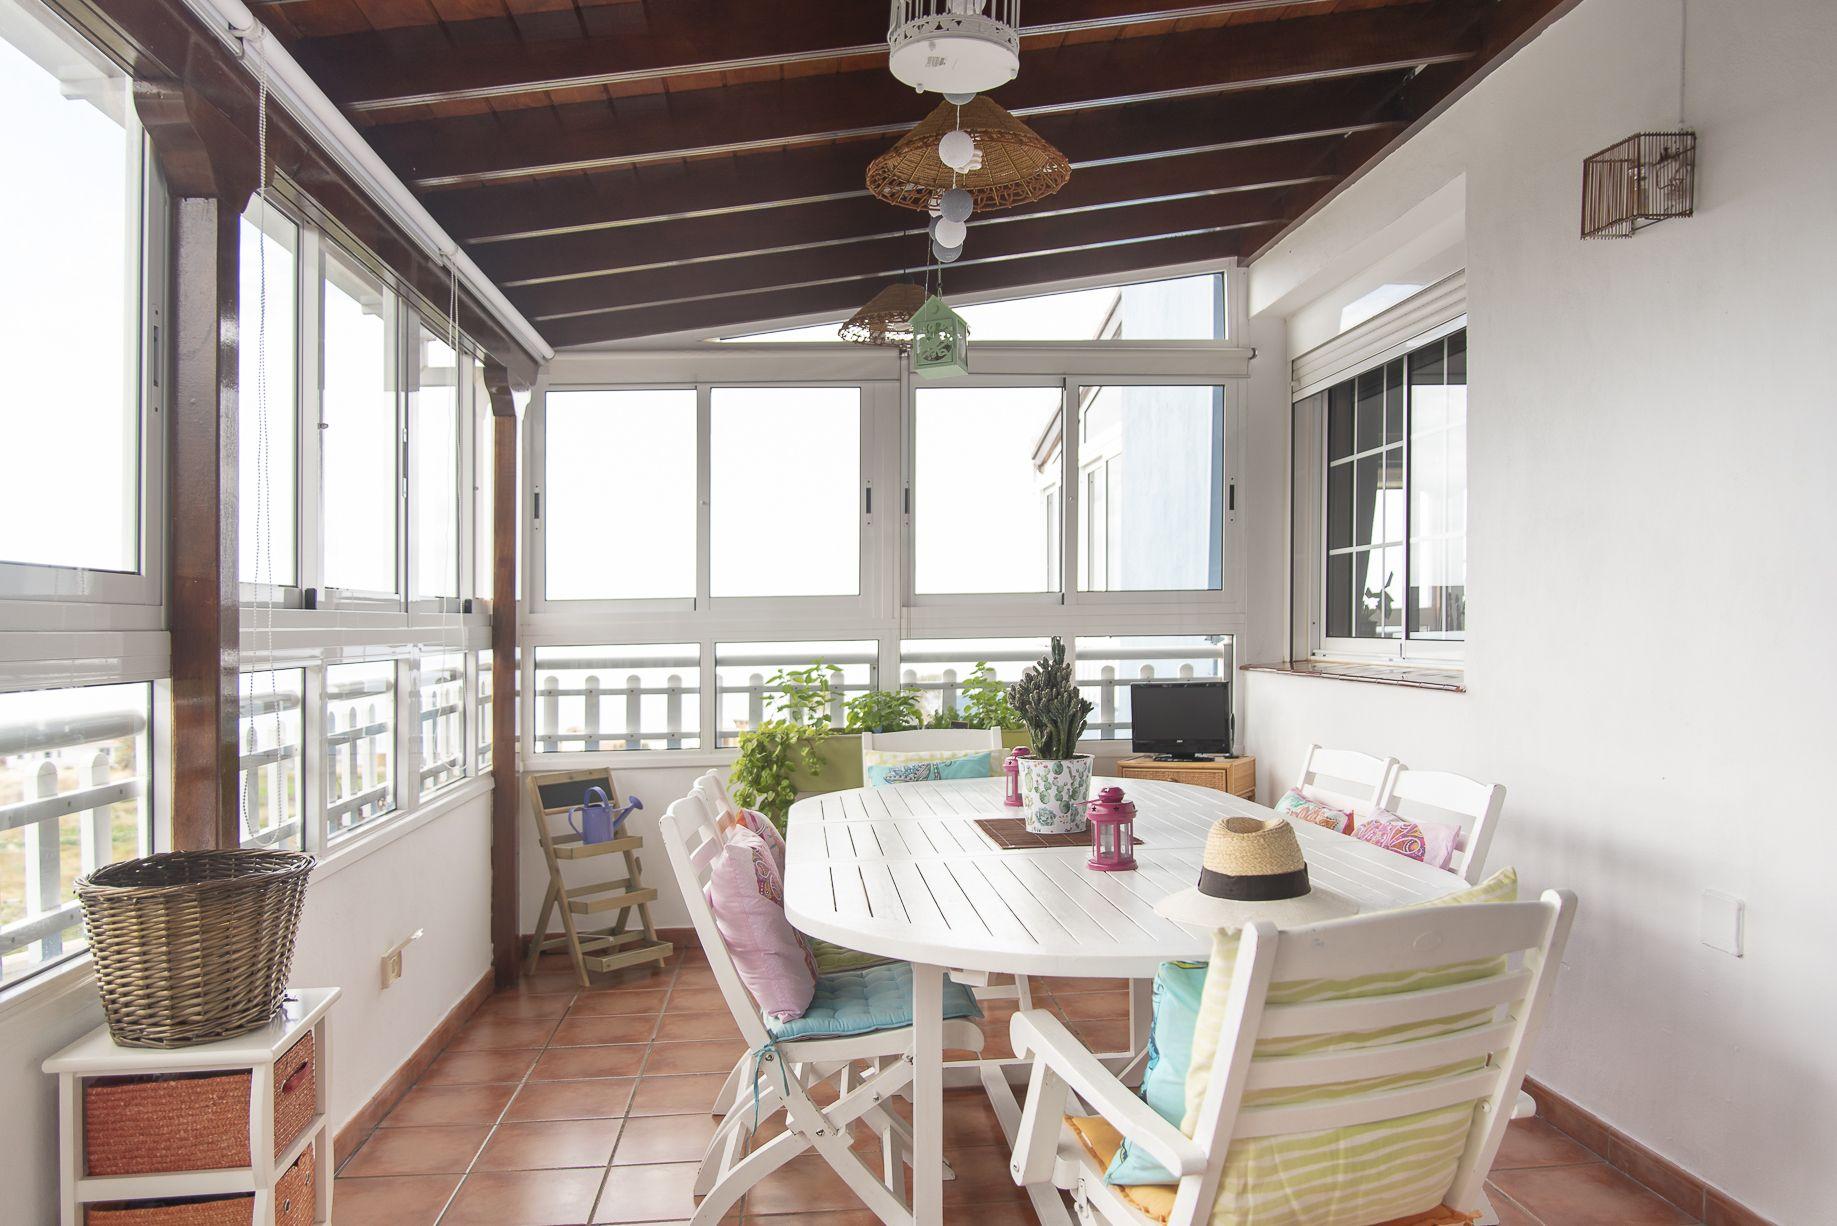 La Casa Azul - Tegueste. Comedor de verano con vistas al mar y la piscina